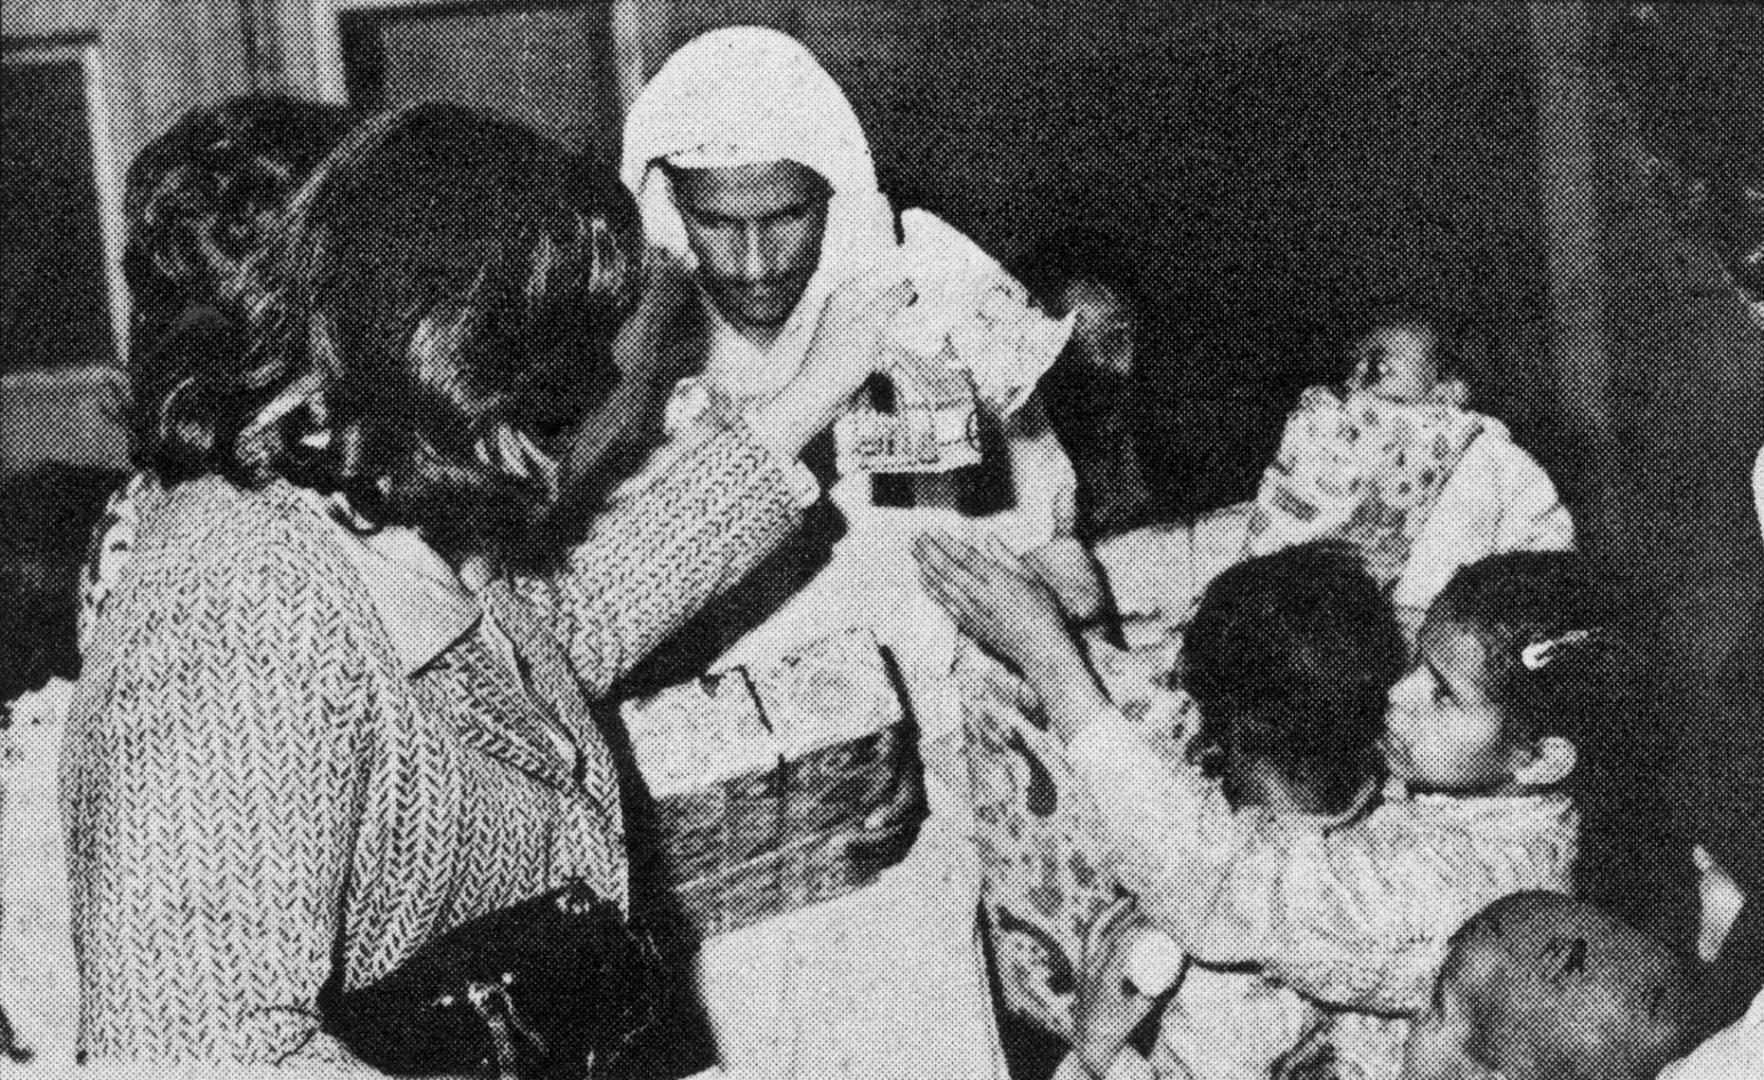 شقيق الشهيد عريف فرحان حمود محمد وانجاله سلمى ونوران وحربيه يتسلمون الهدايا